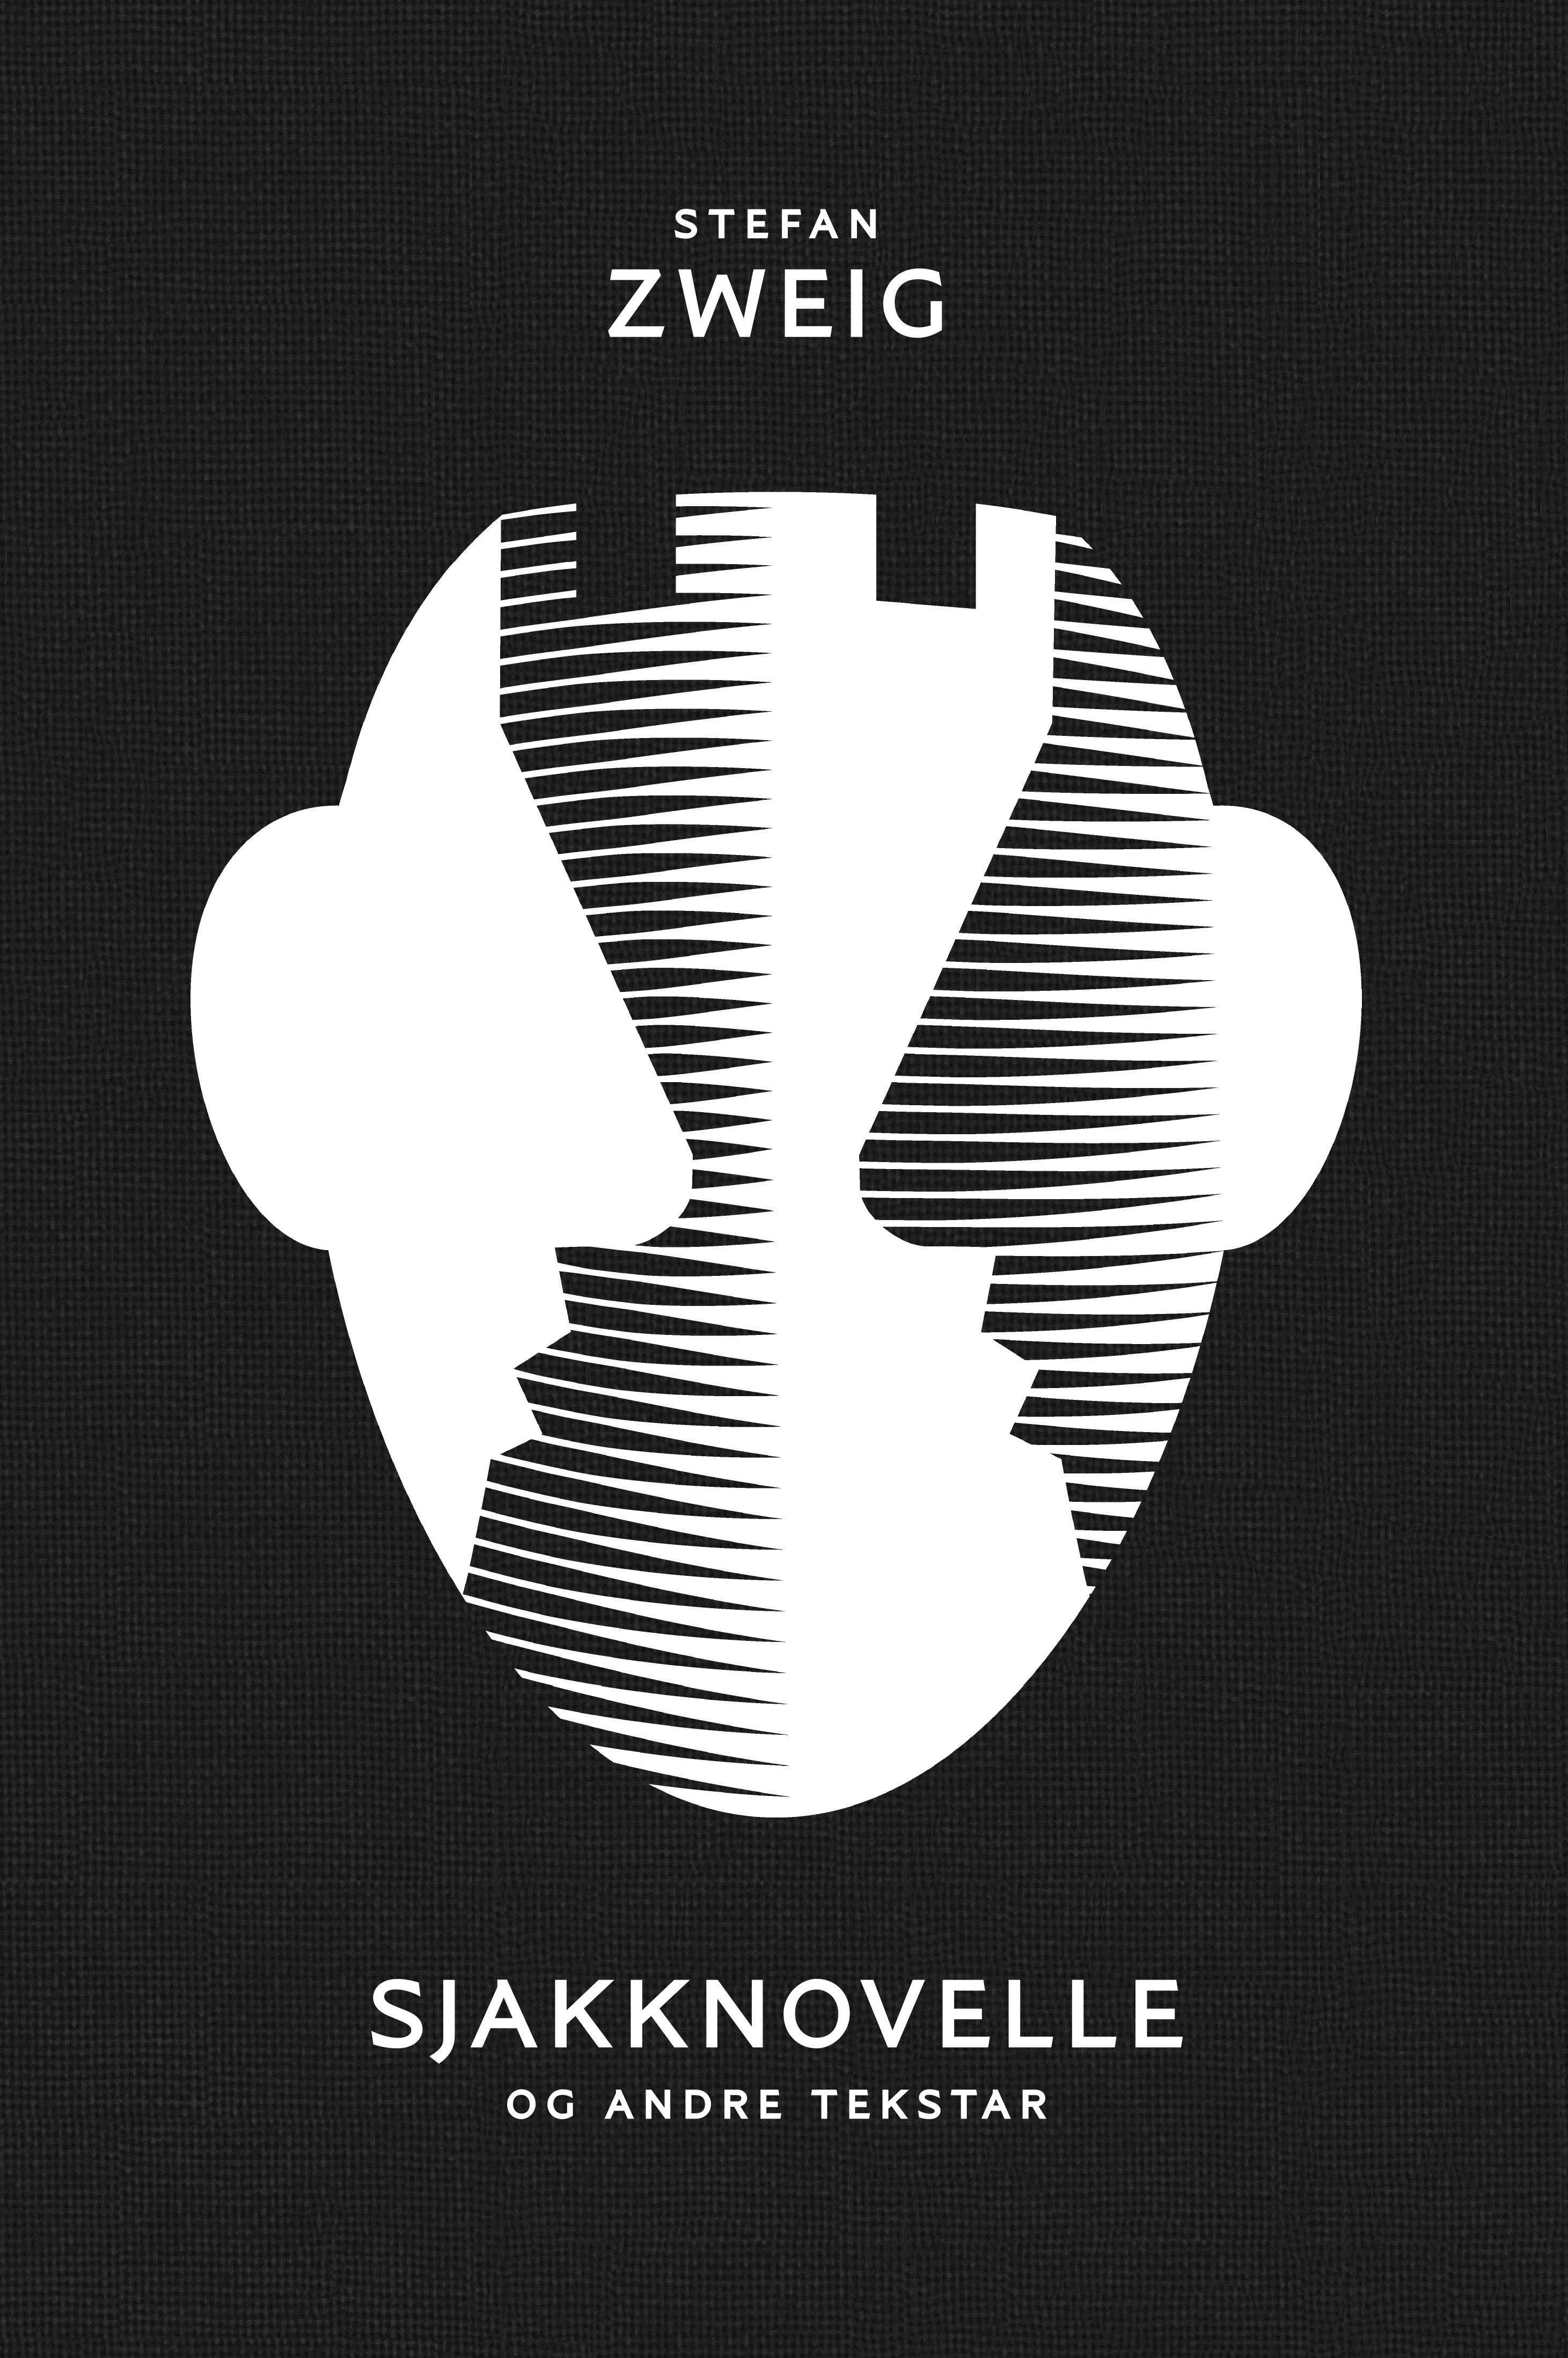 """""""Sjakknovelle - og andre tekstar"""" av Stefan Zweig"""